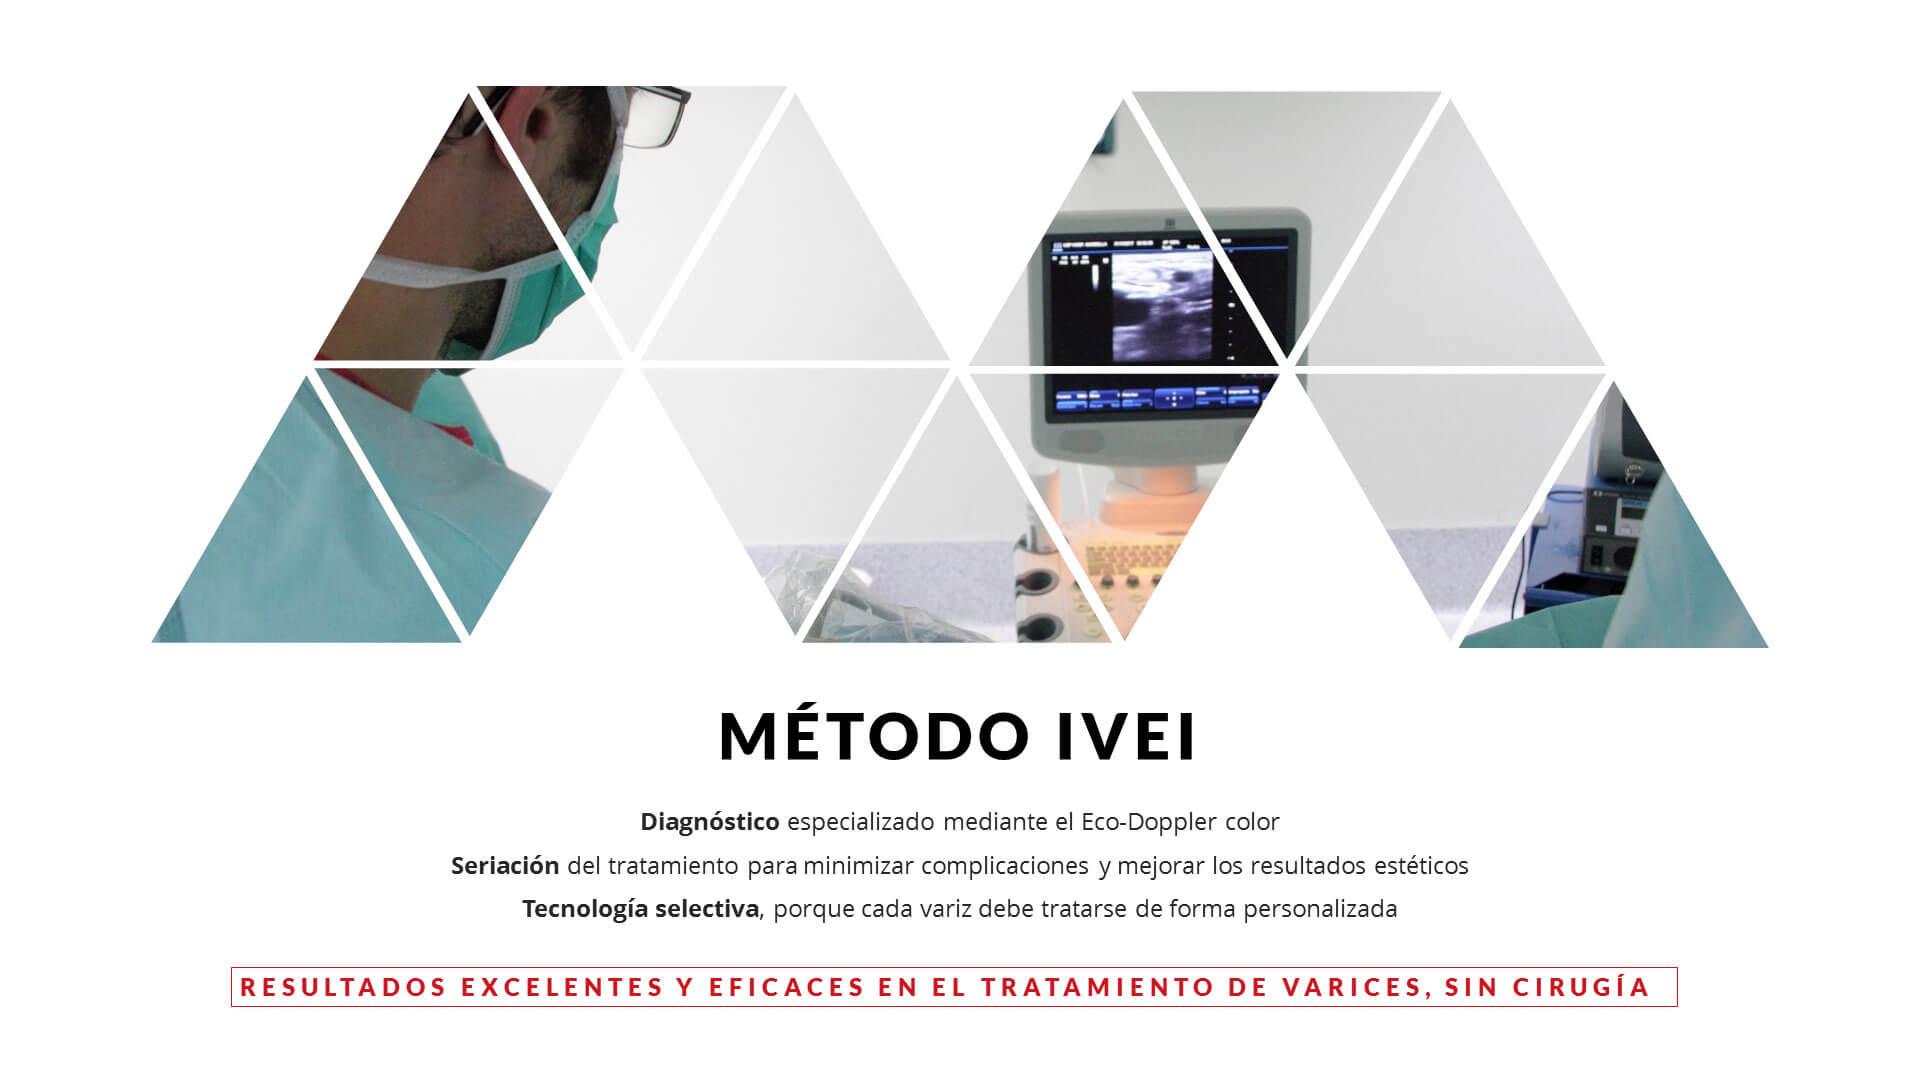 Metodo IVEI tratamiento de varices sin cirugia en Marbella